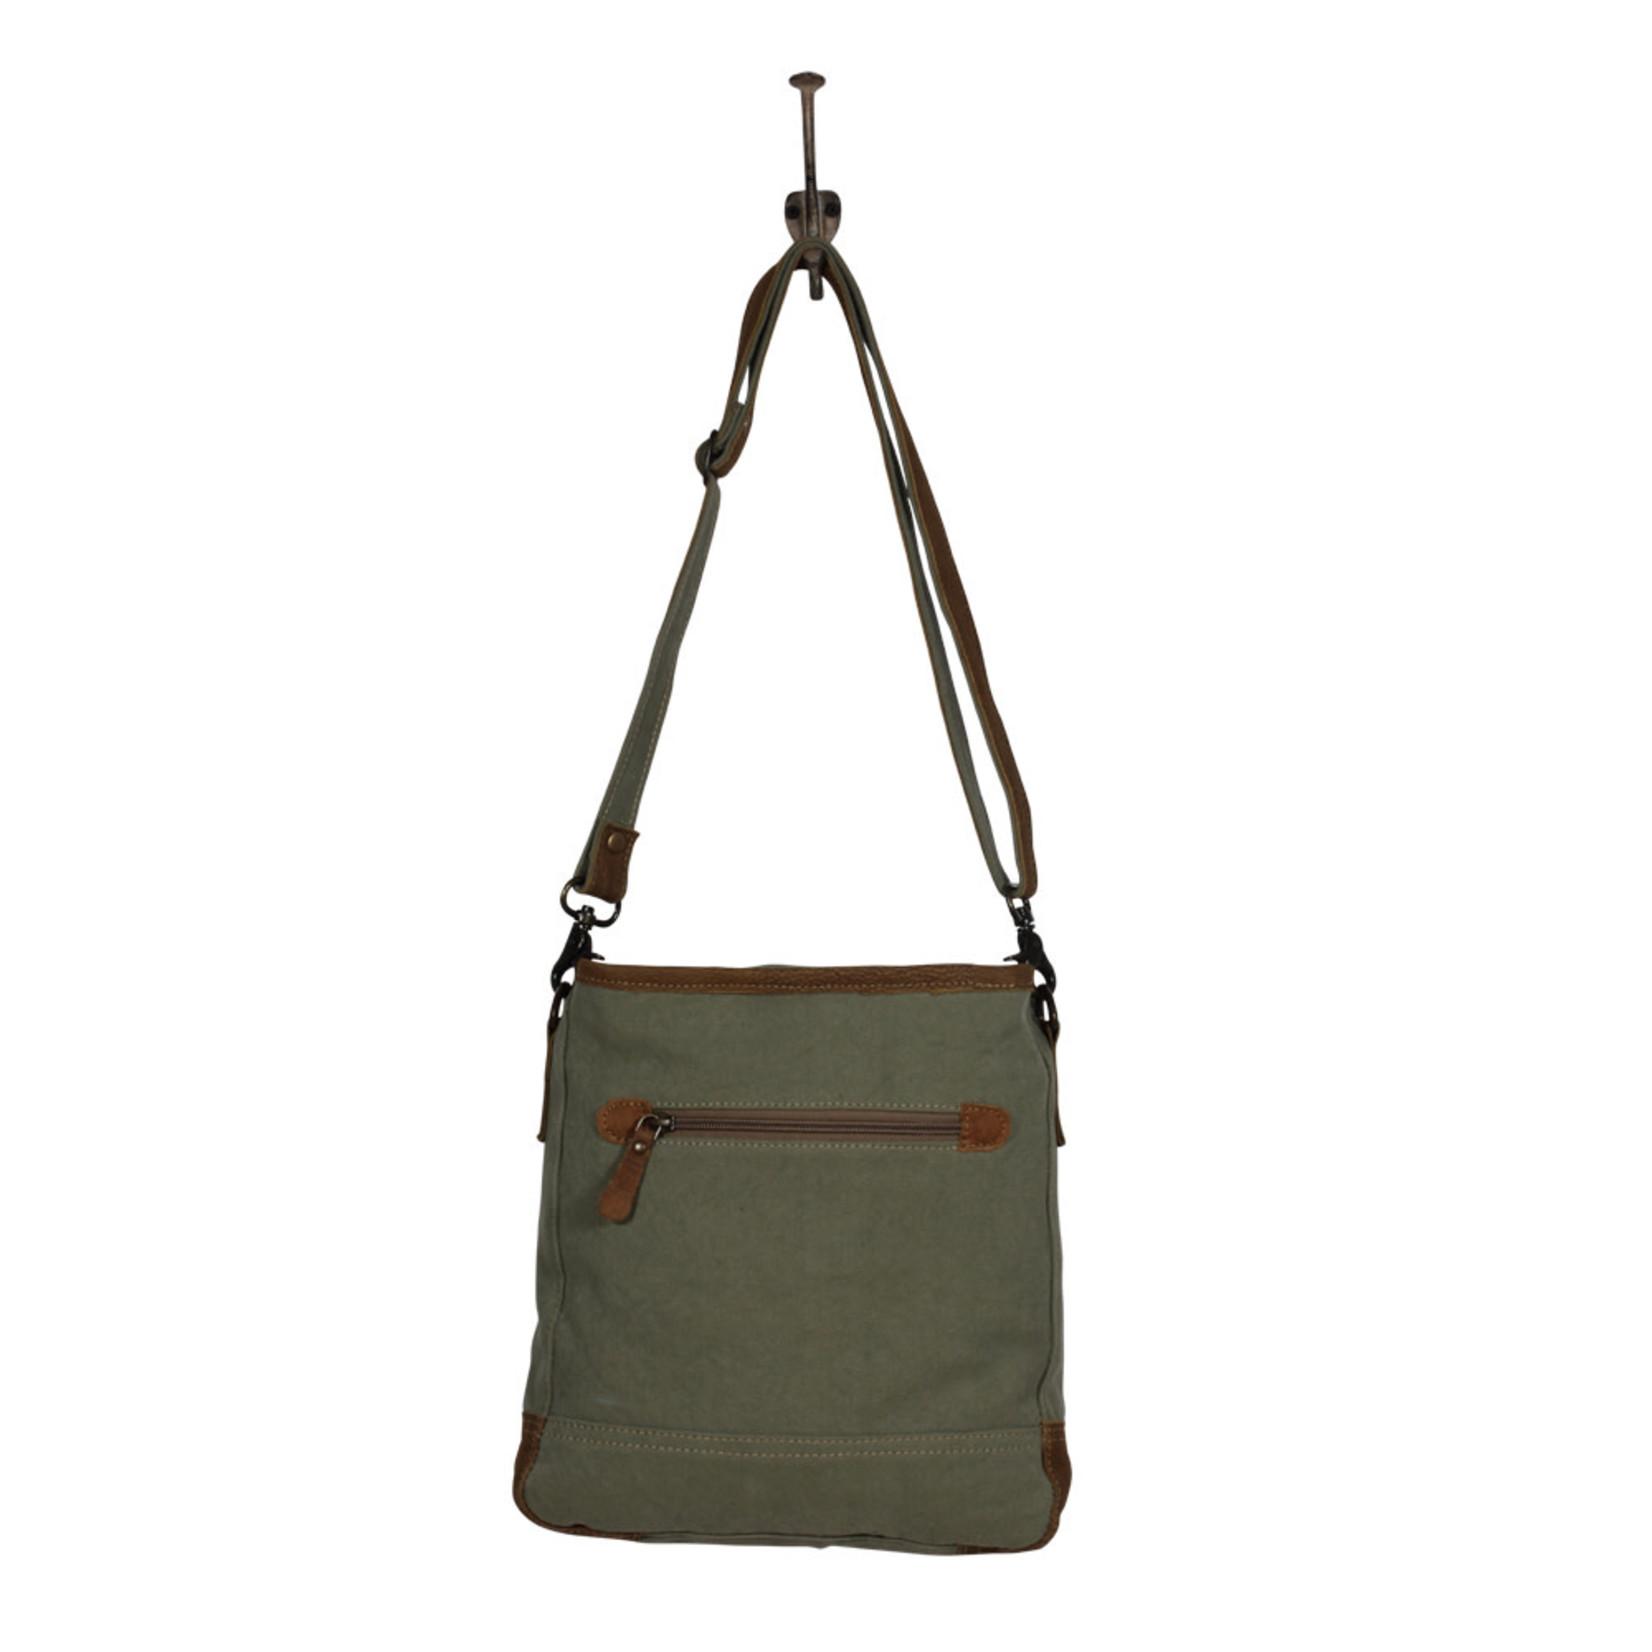 Myra Bags S-2031 Aqua Trail Shoulder Bag